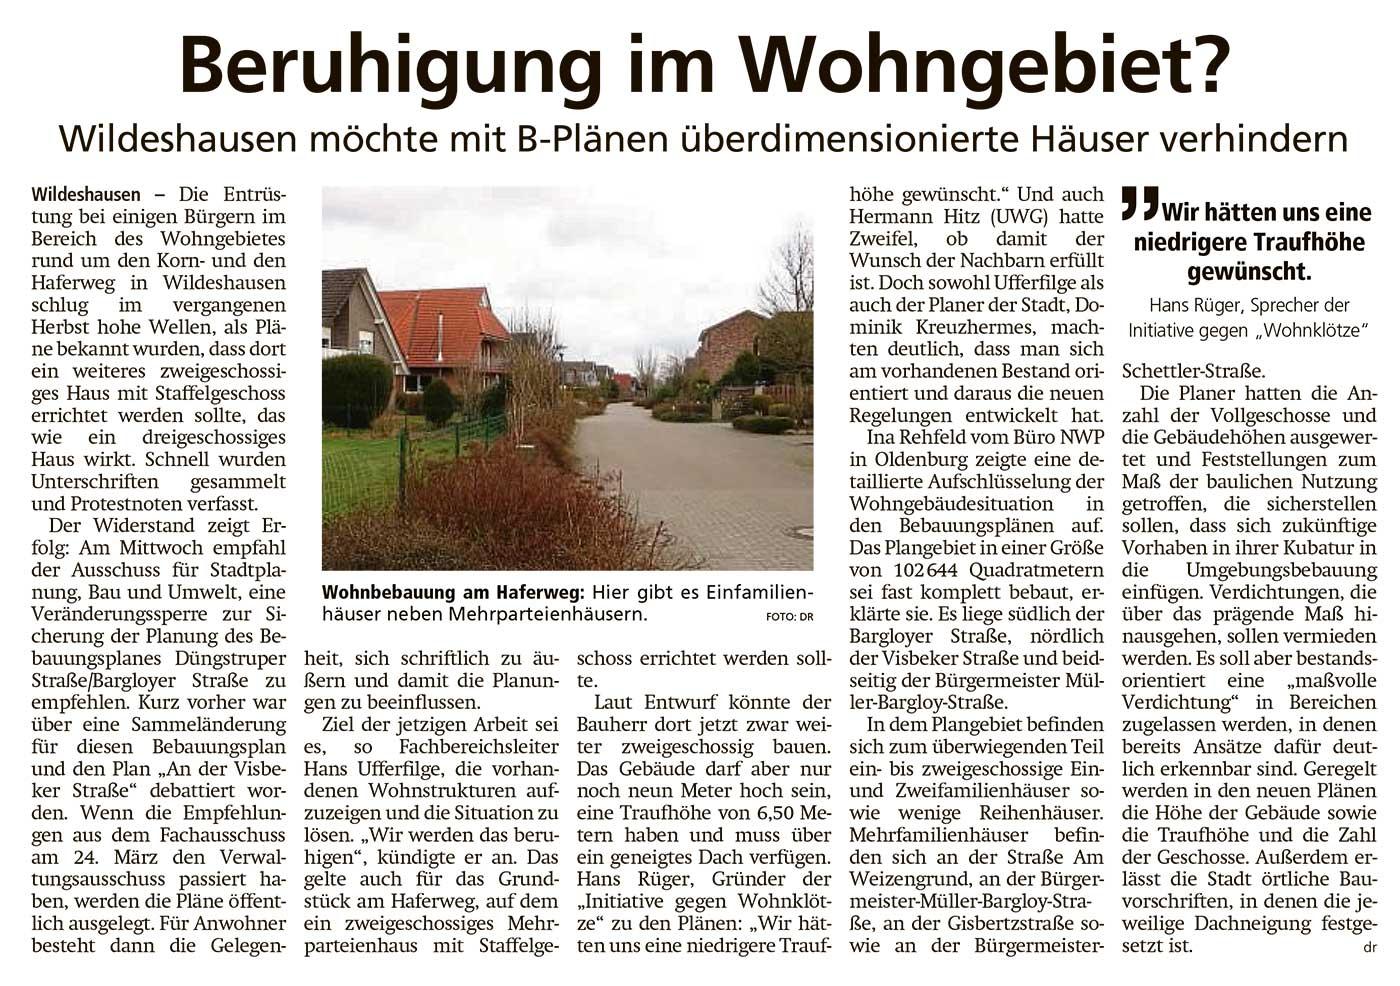 Beruhigung im Wohngebiet?Wildeshausen möchte mit B-Plänen überdimensionierte Häuser verhindernArtikel vom 19.03.2021 (WZ)